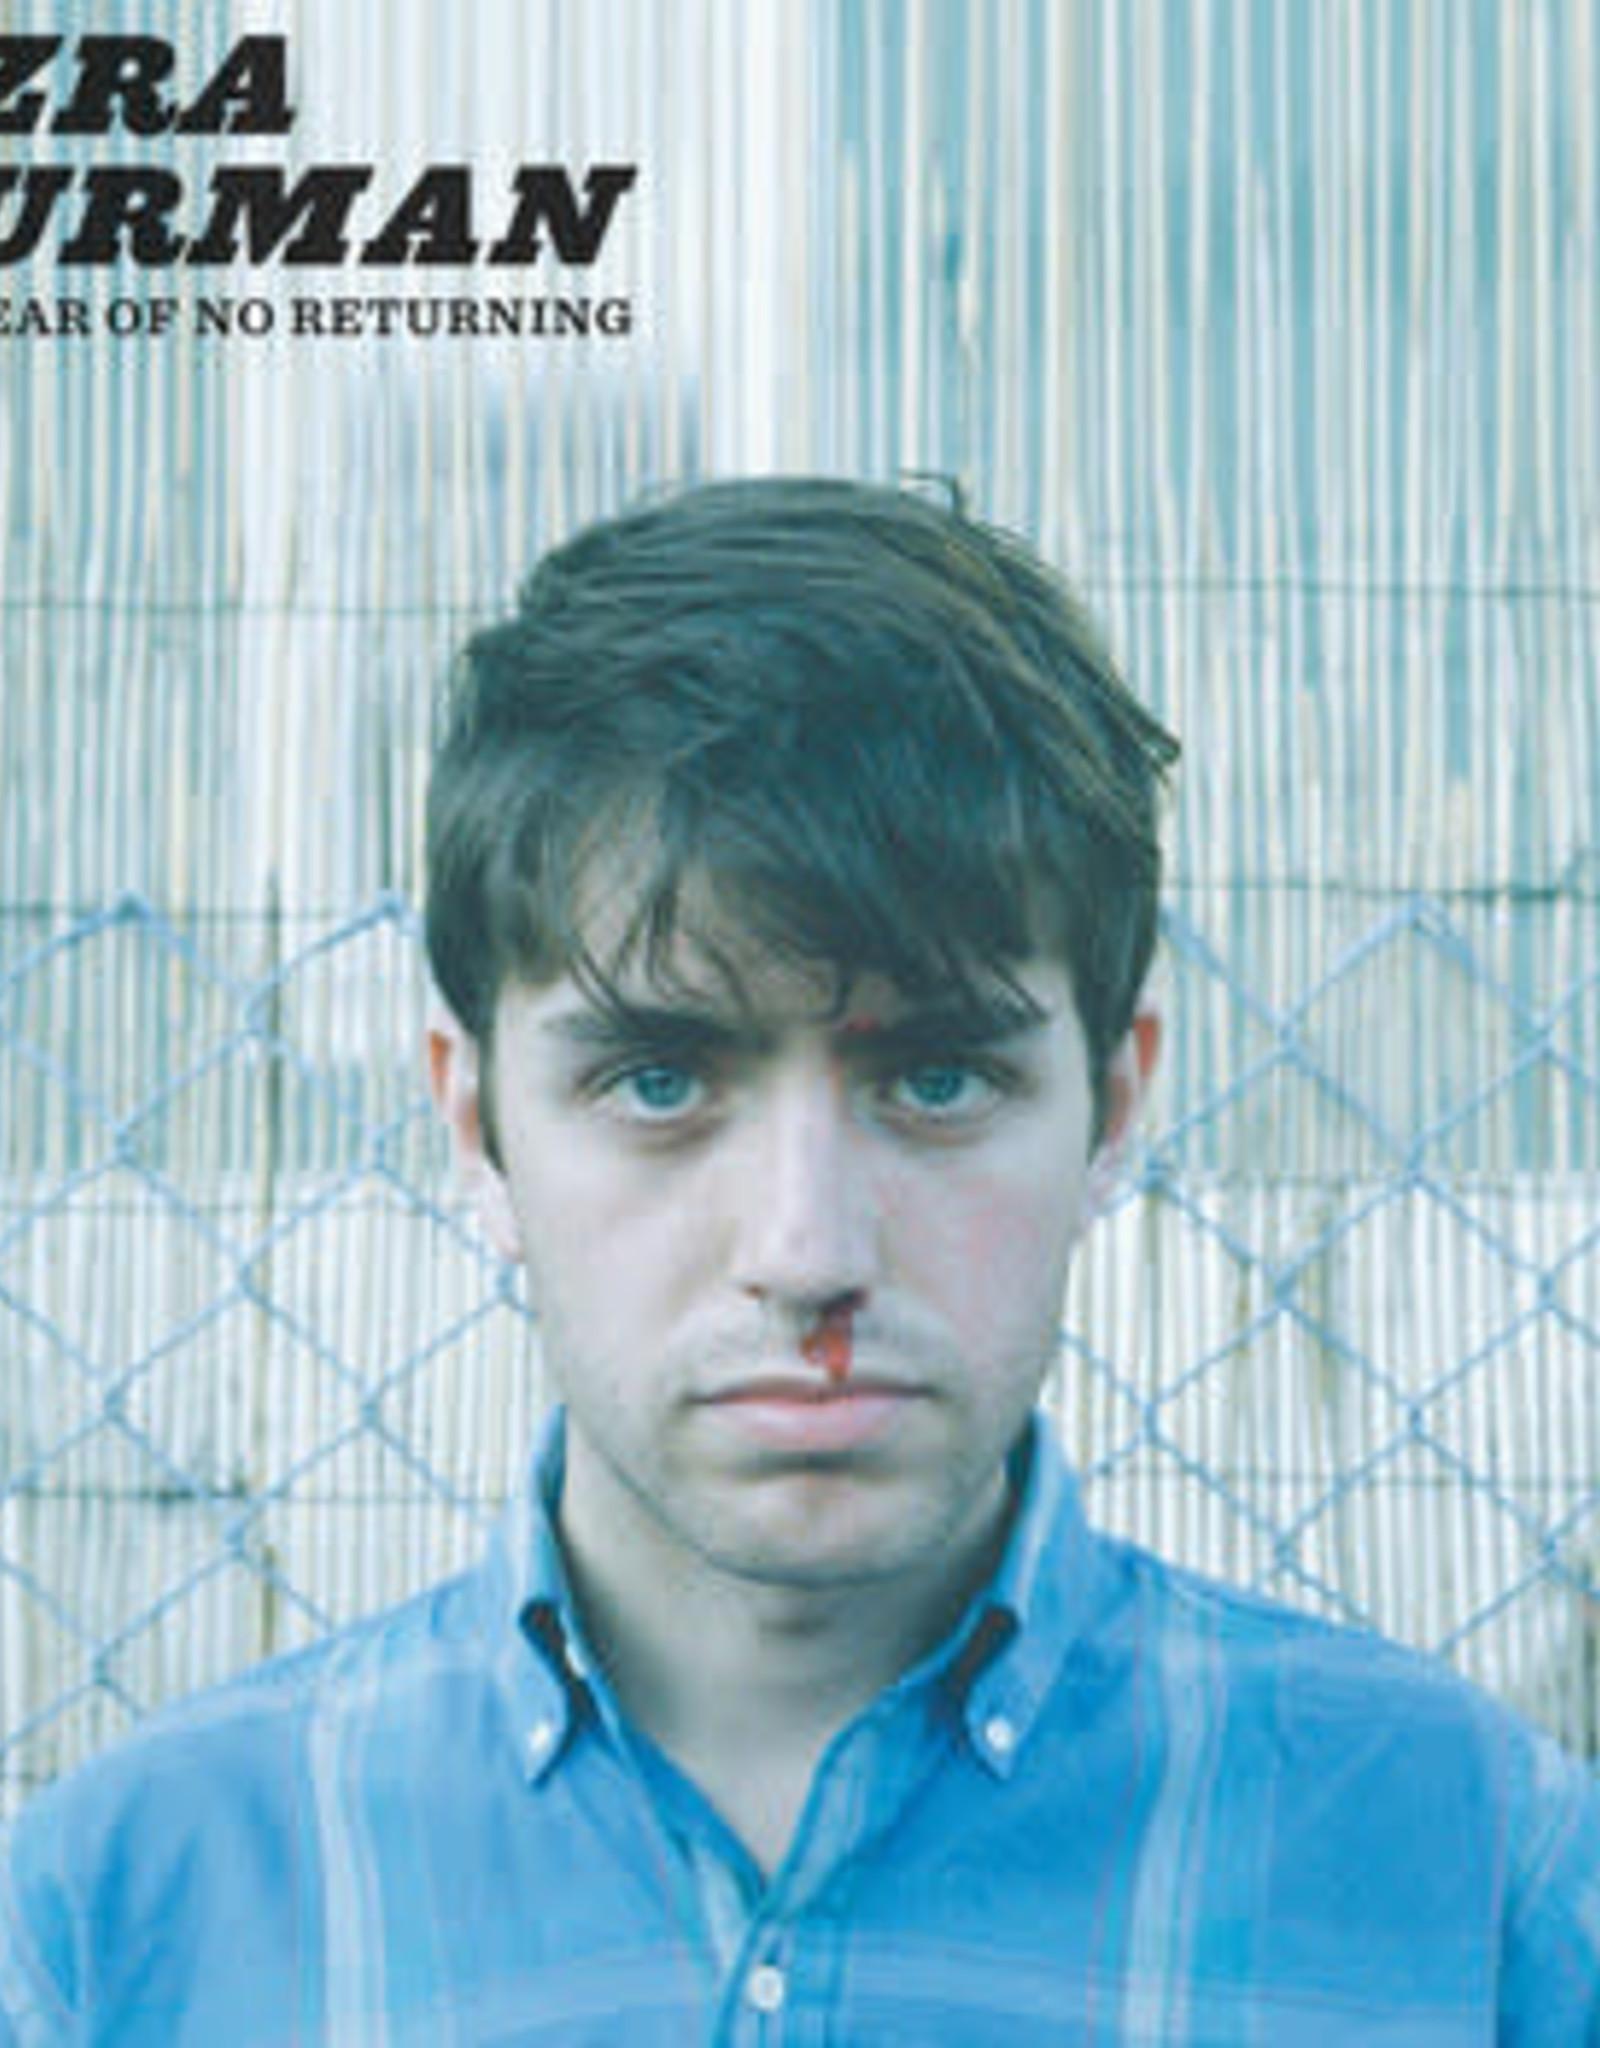 Ezra Furman - Year Of No Returning